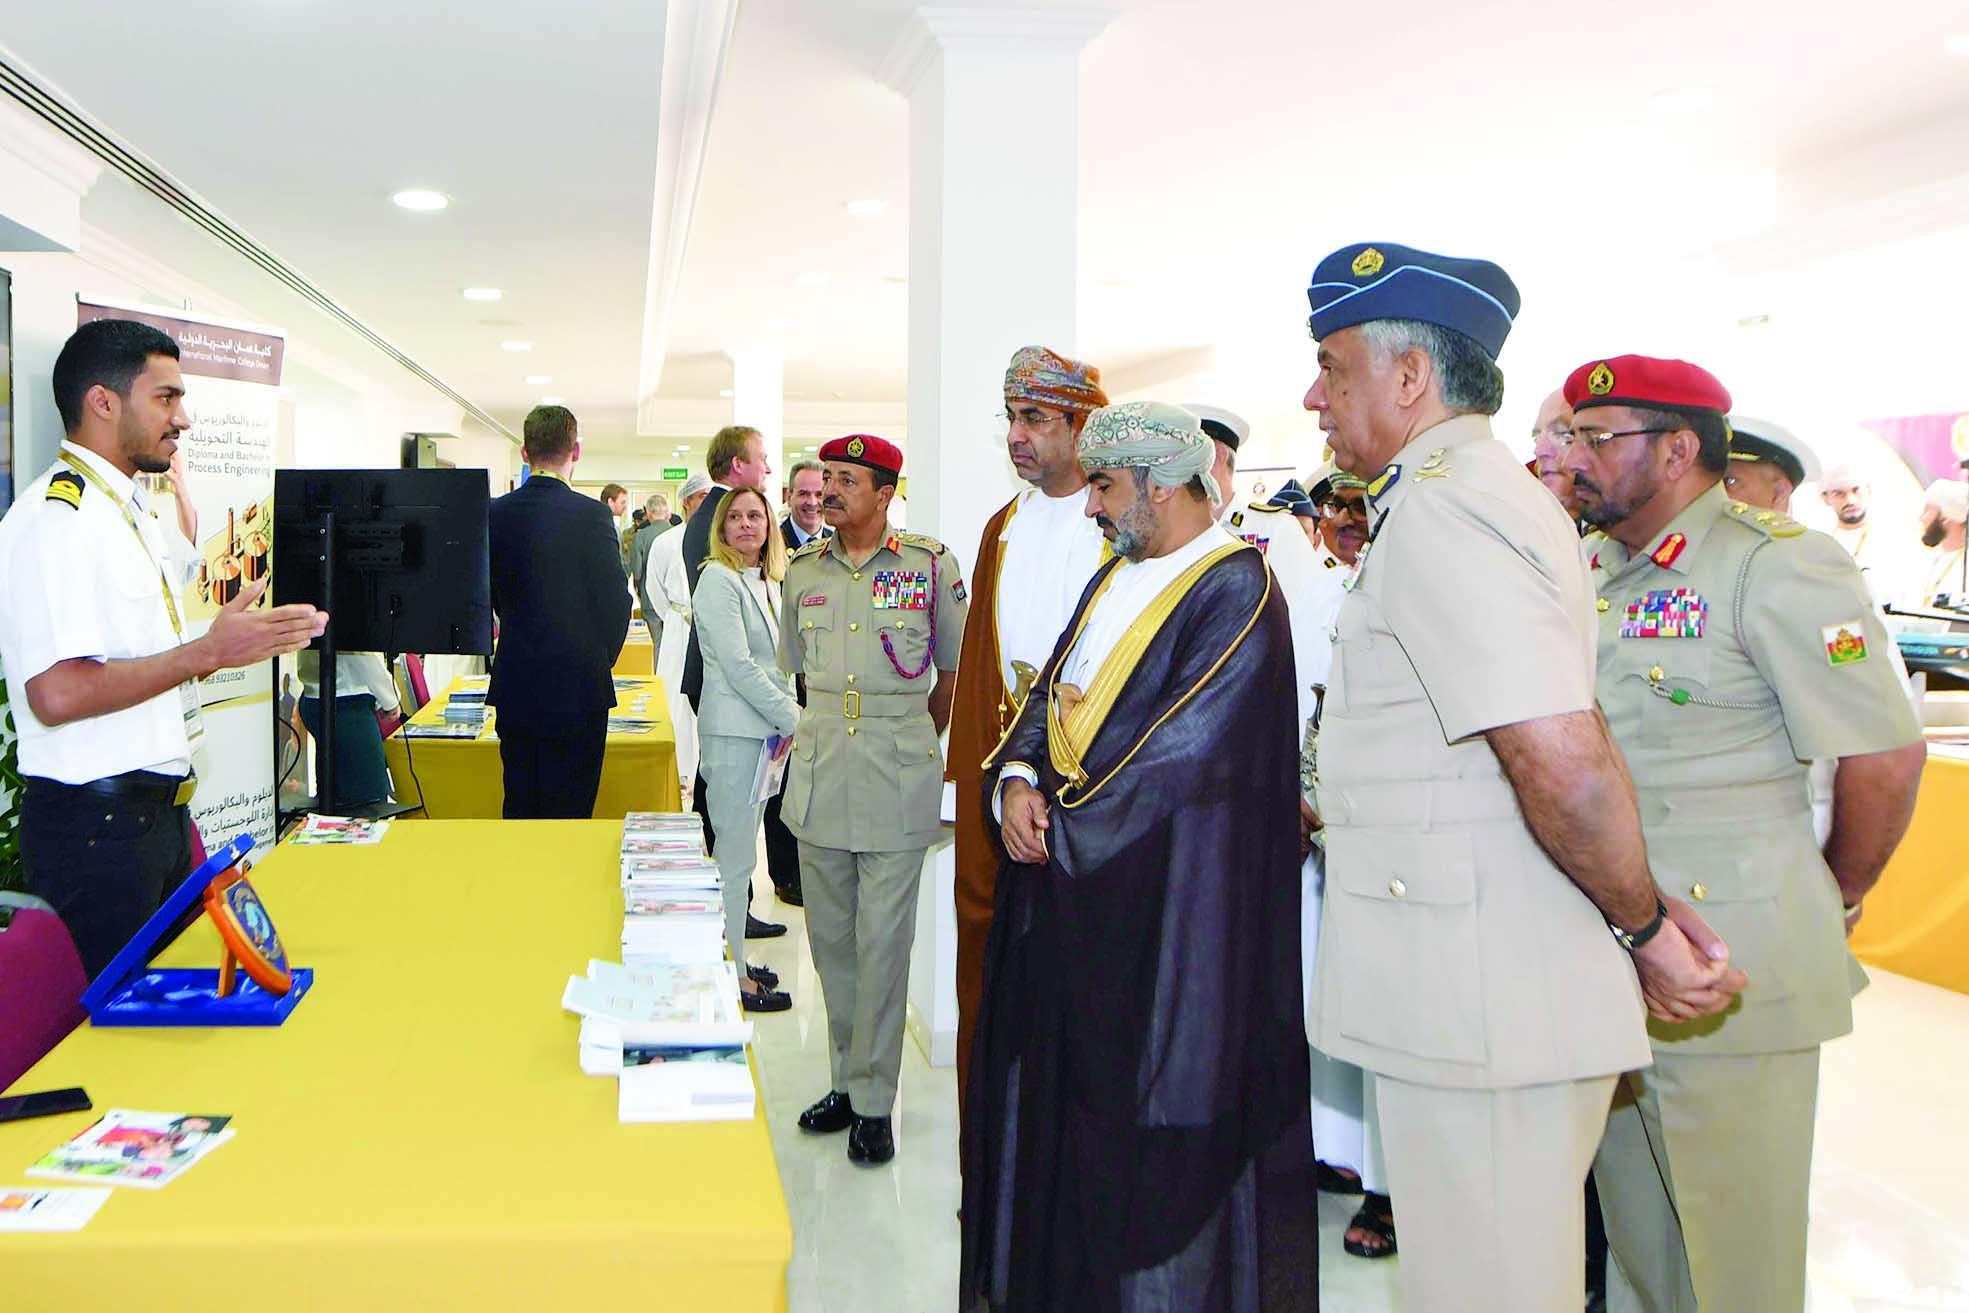 الكلية العسكرية التقنية تنظم المؤتمر الدولي للهندسة البحرية والتكنولوجيا